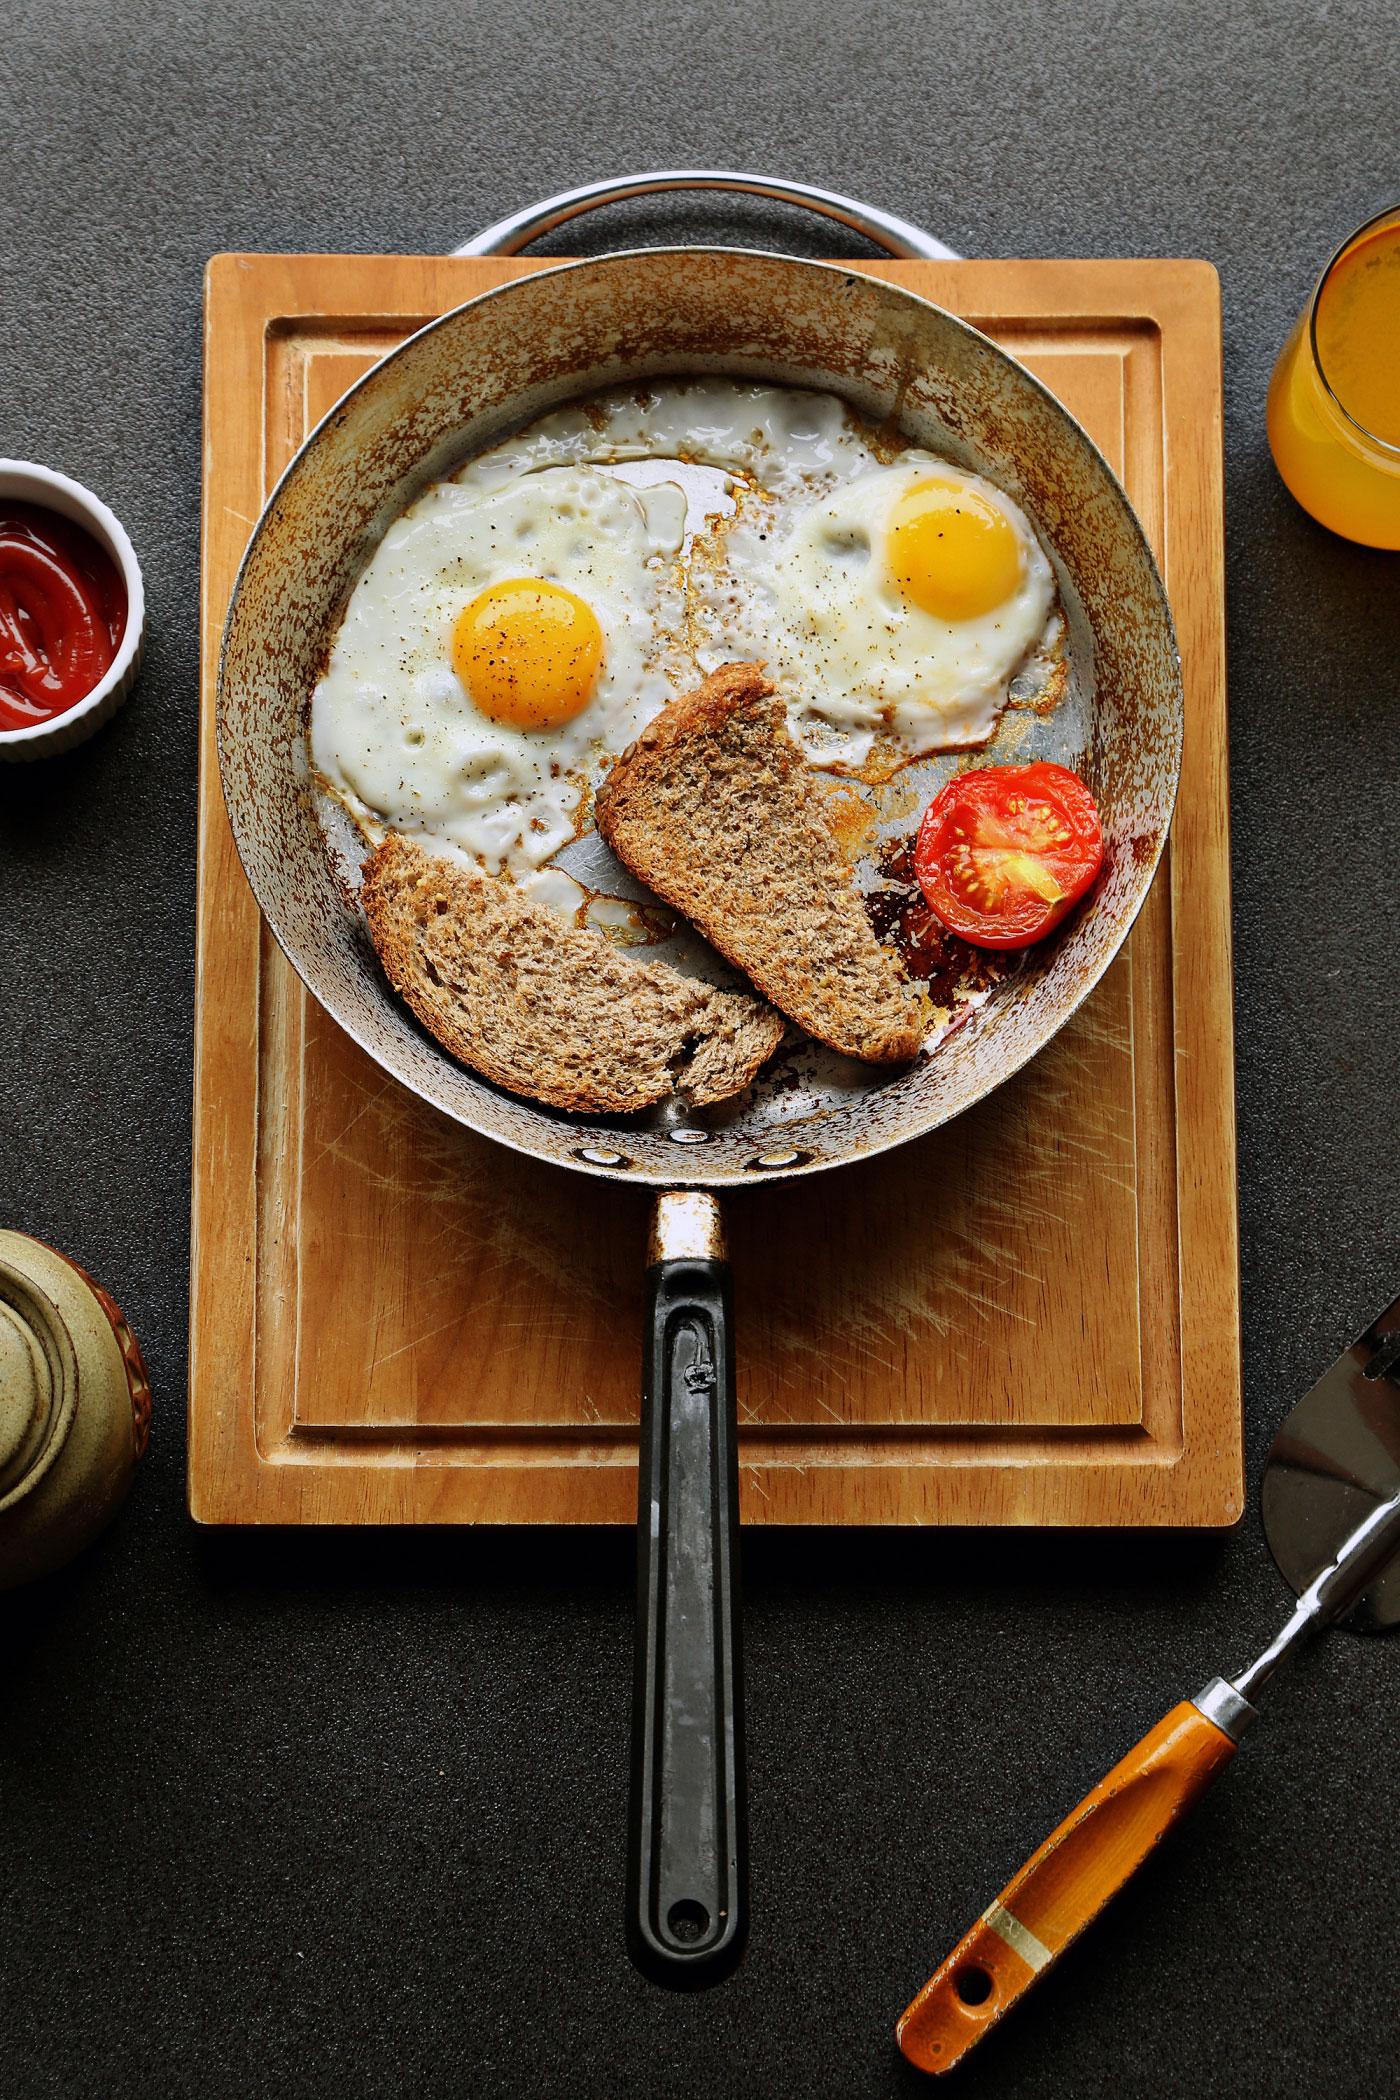 eggs-and-stuff.jpg